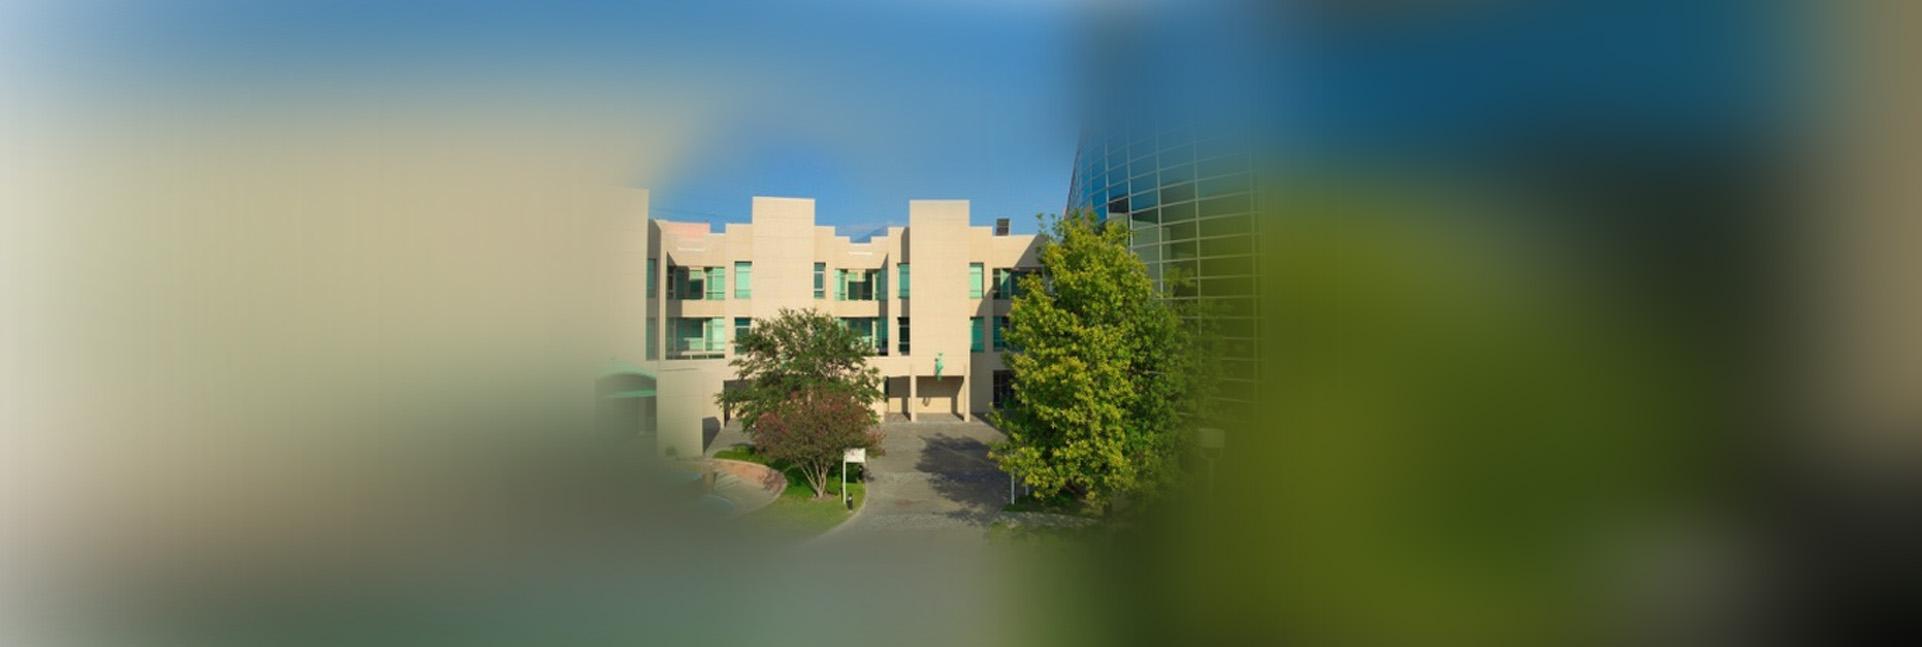 Ubicación privilegiada en el Hospital Ángeles Valle Oriente